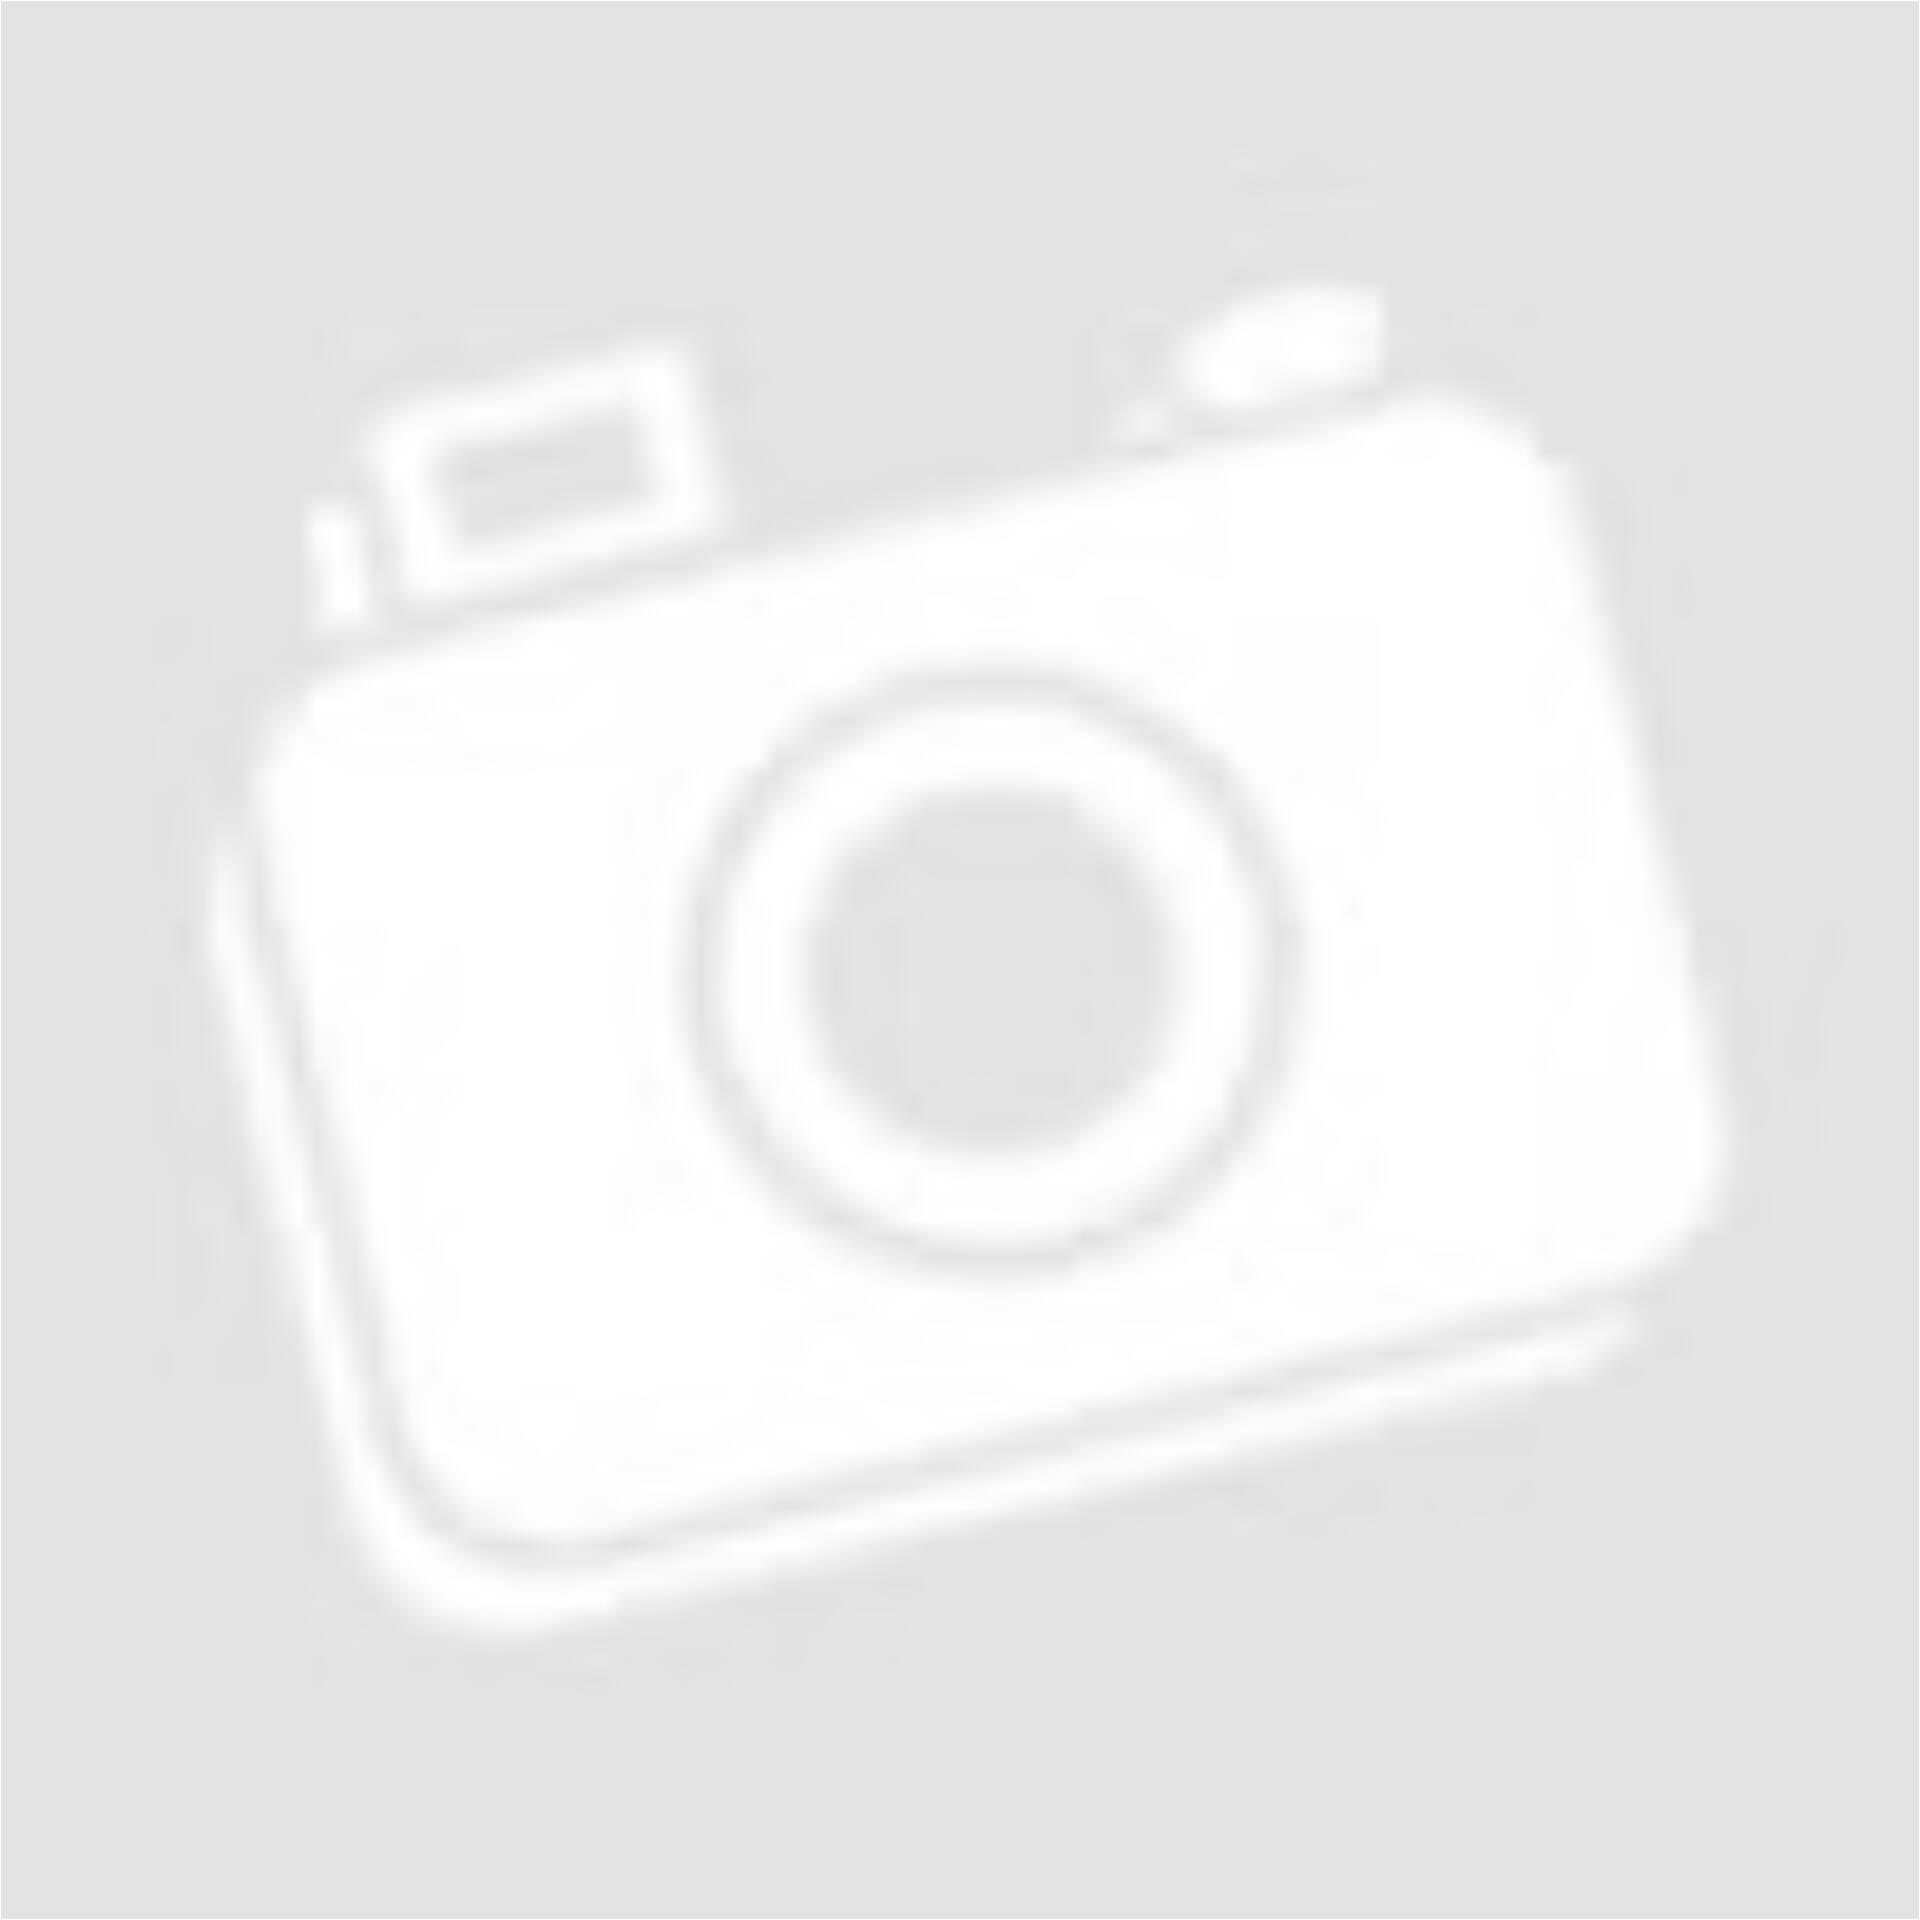 6985a98853 Narancssárga NIKE sport cipő (Méret: 38,5) - Edzőcipő - Öltözz ki ...